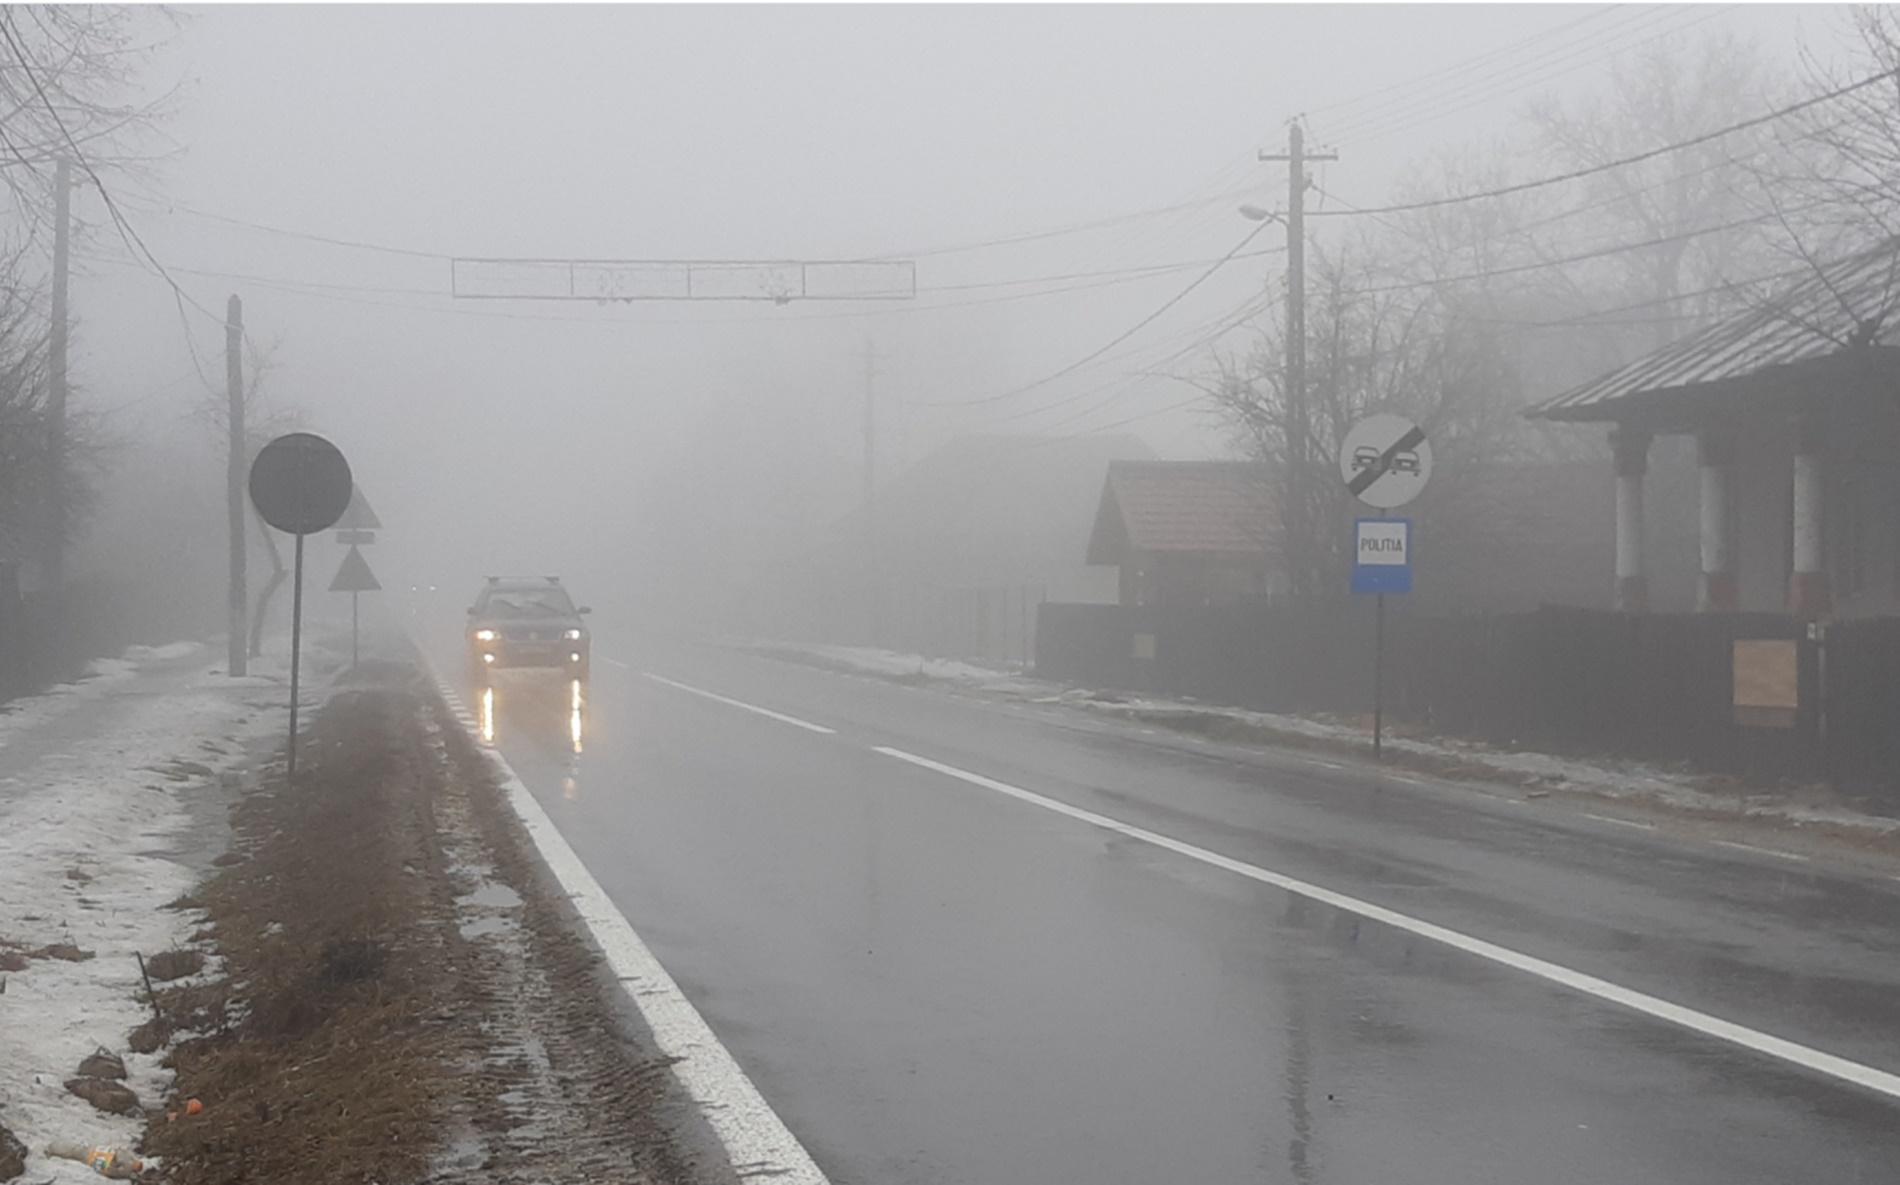 Polei și ceață în mai multe zone din țară. Șoferii atenționați să circule prudent